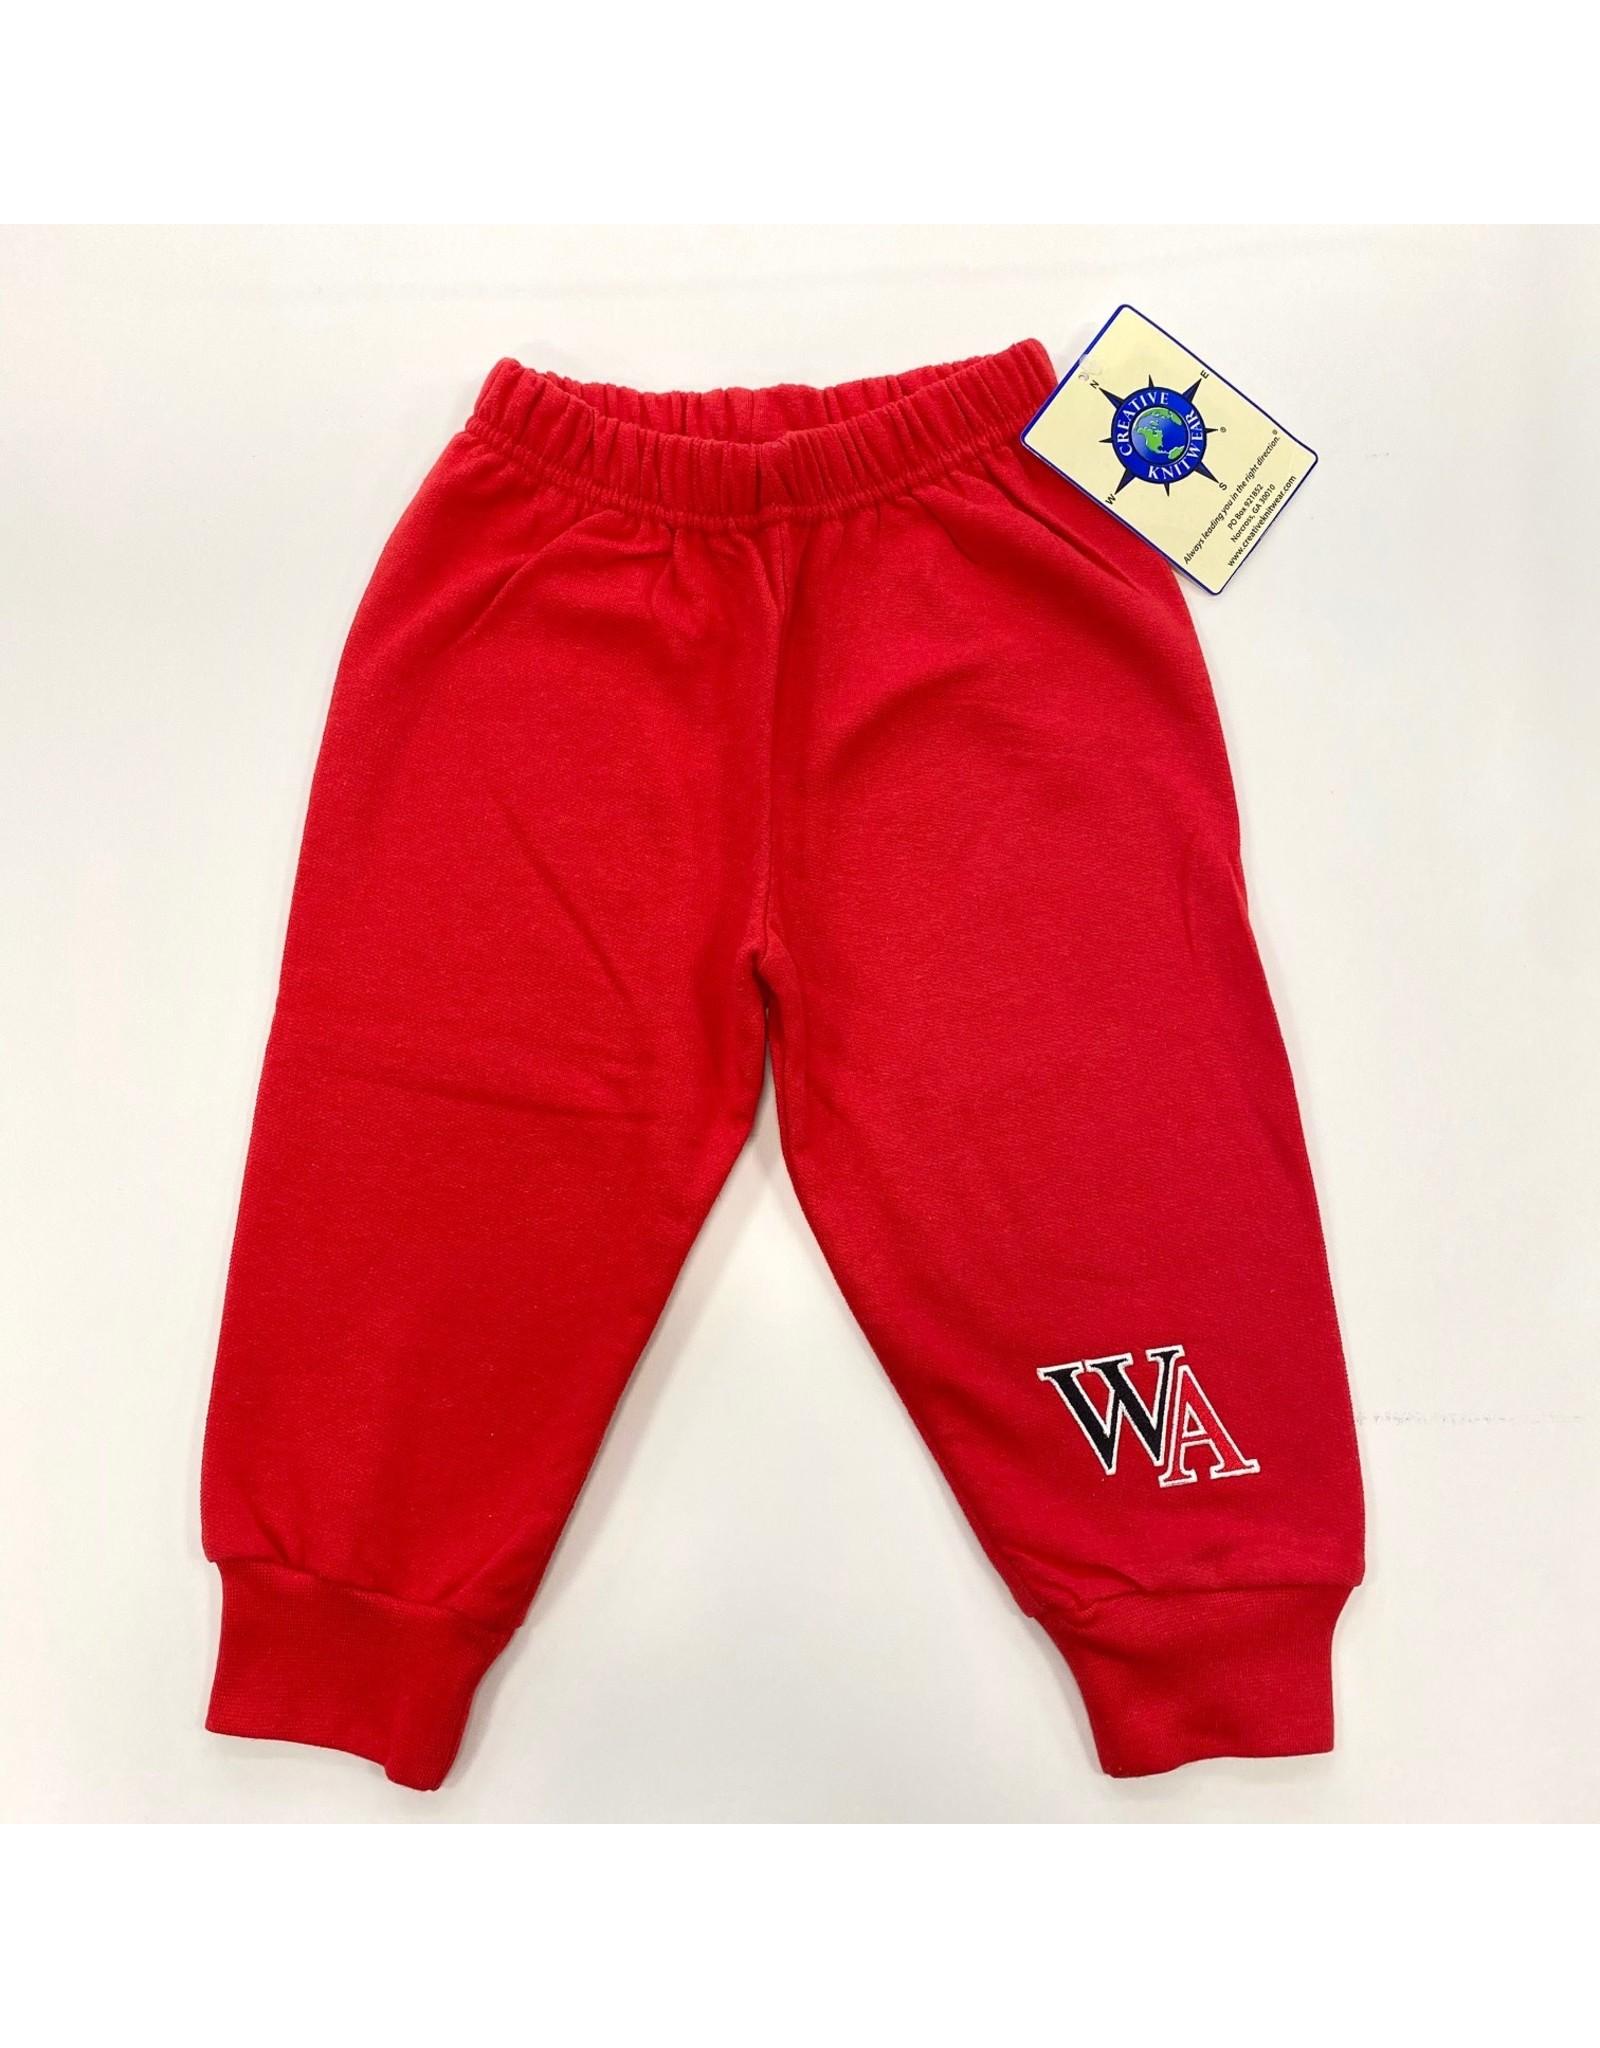 Creative Knitwear Baby Knit Sweatpants by Creative Knitwear